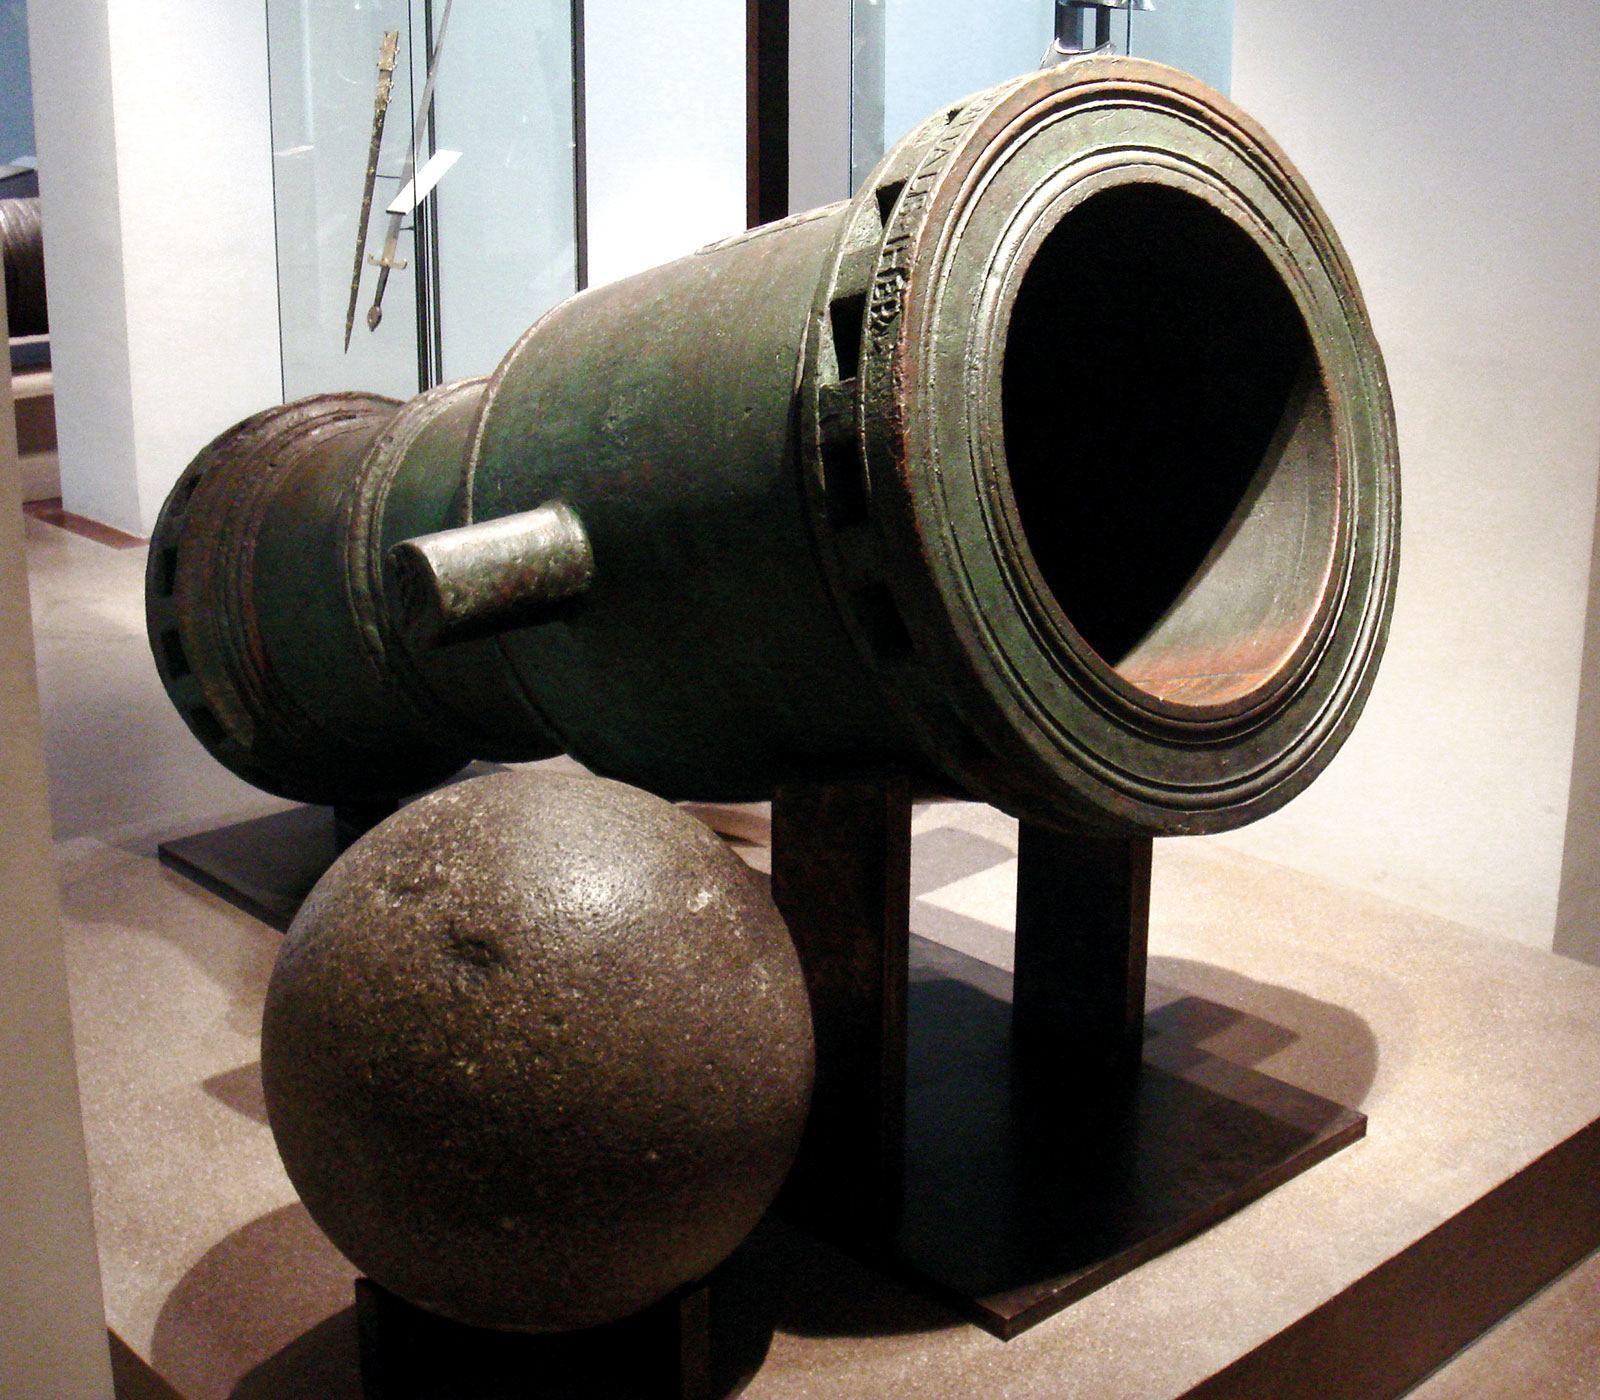 3-Βομβάρδα-του-15ου-αιώνα-κατά-στη-πολιορκία-του-Νεγροπόντε